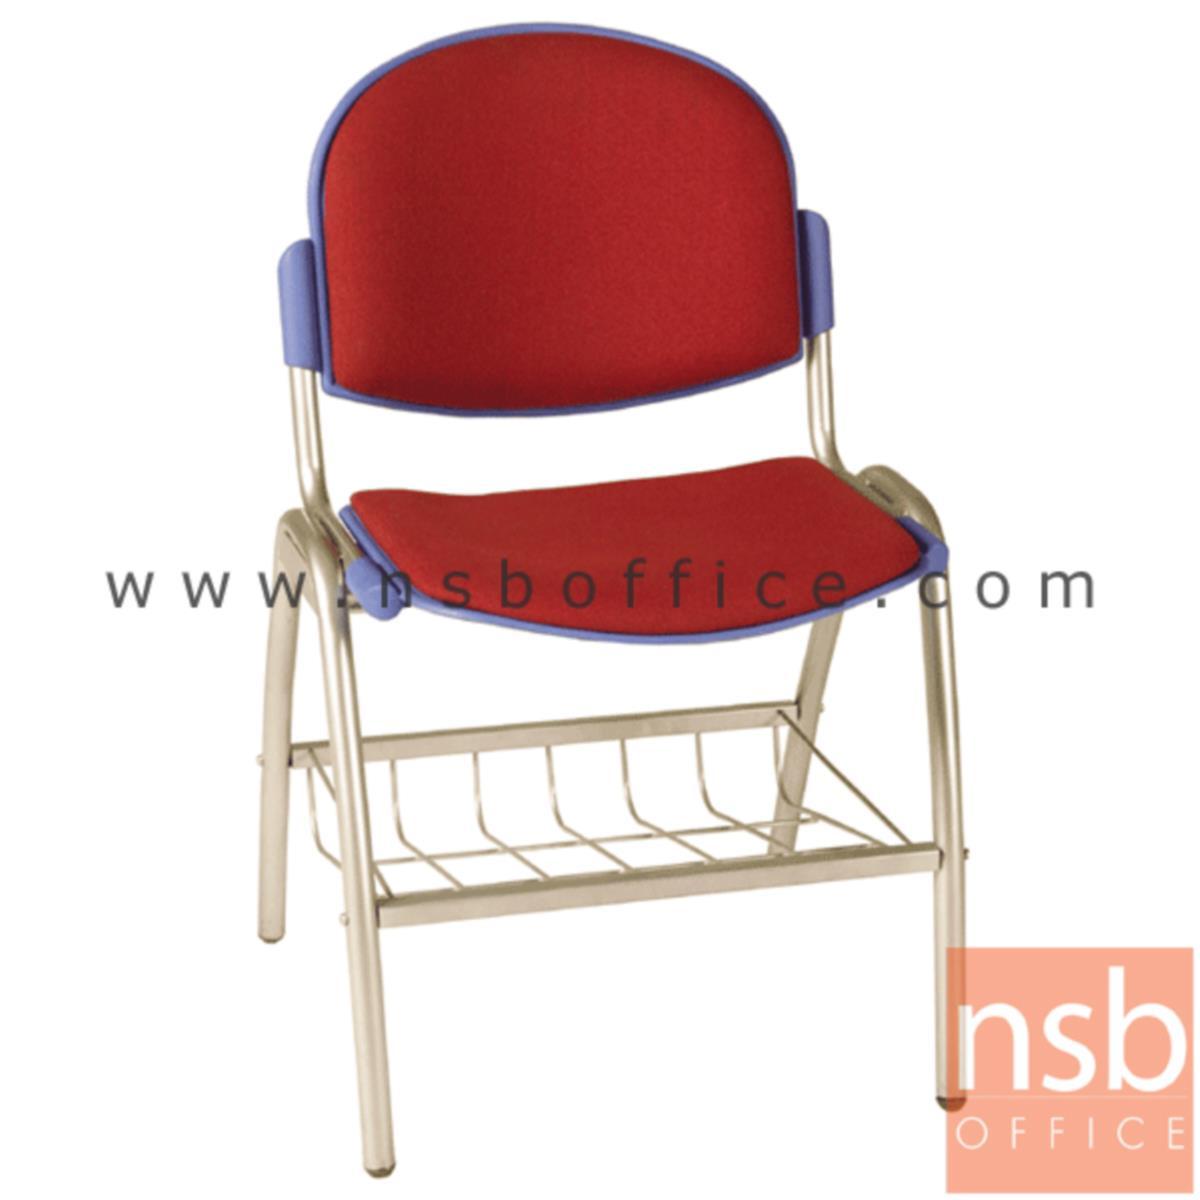 B05A046:เก้าอี้อเนกประสงค์เฟรมโพลี่ รุ่น A156-546  ขาเหล็กพ่นสีเทา